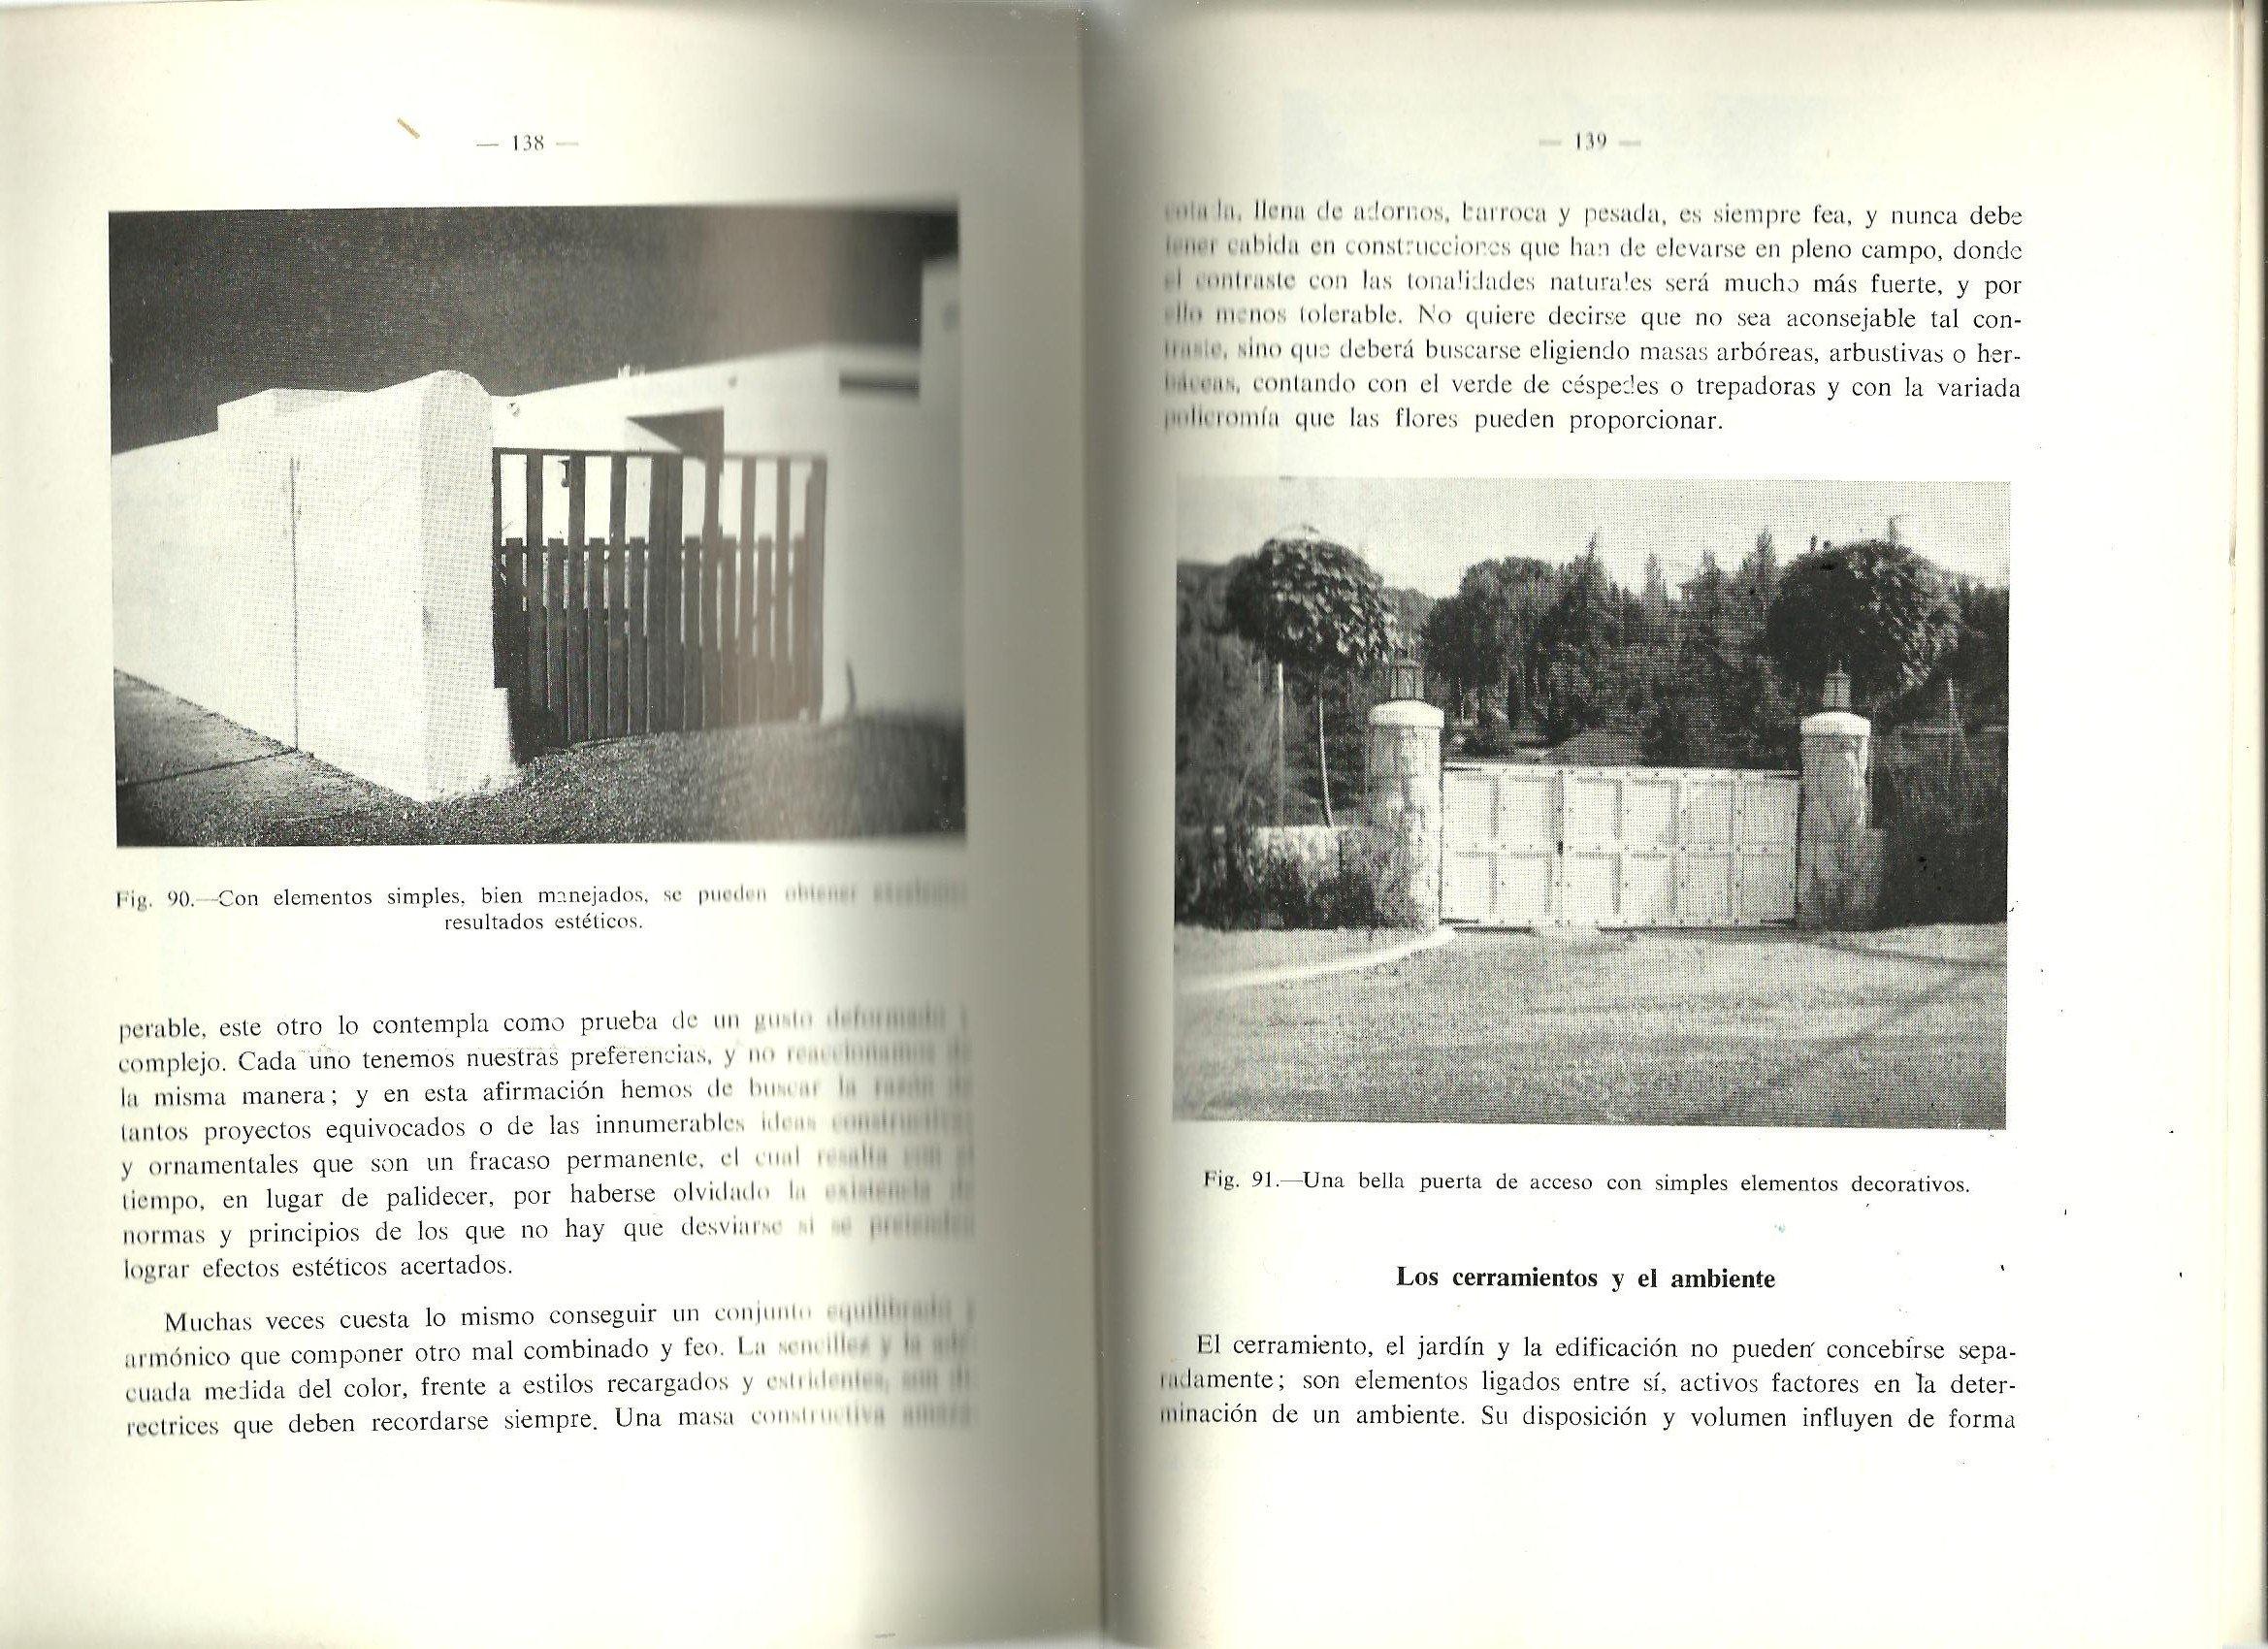 Cerramientos rusticos y ornamentales: Amazon.es: Santiago ...